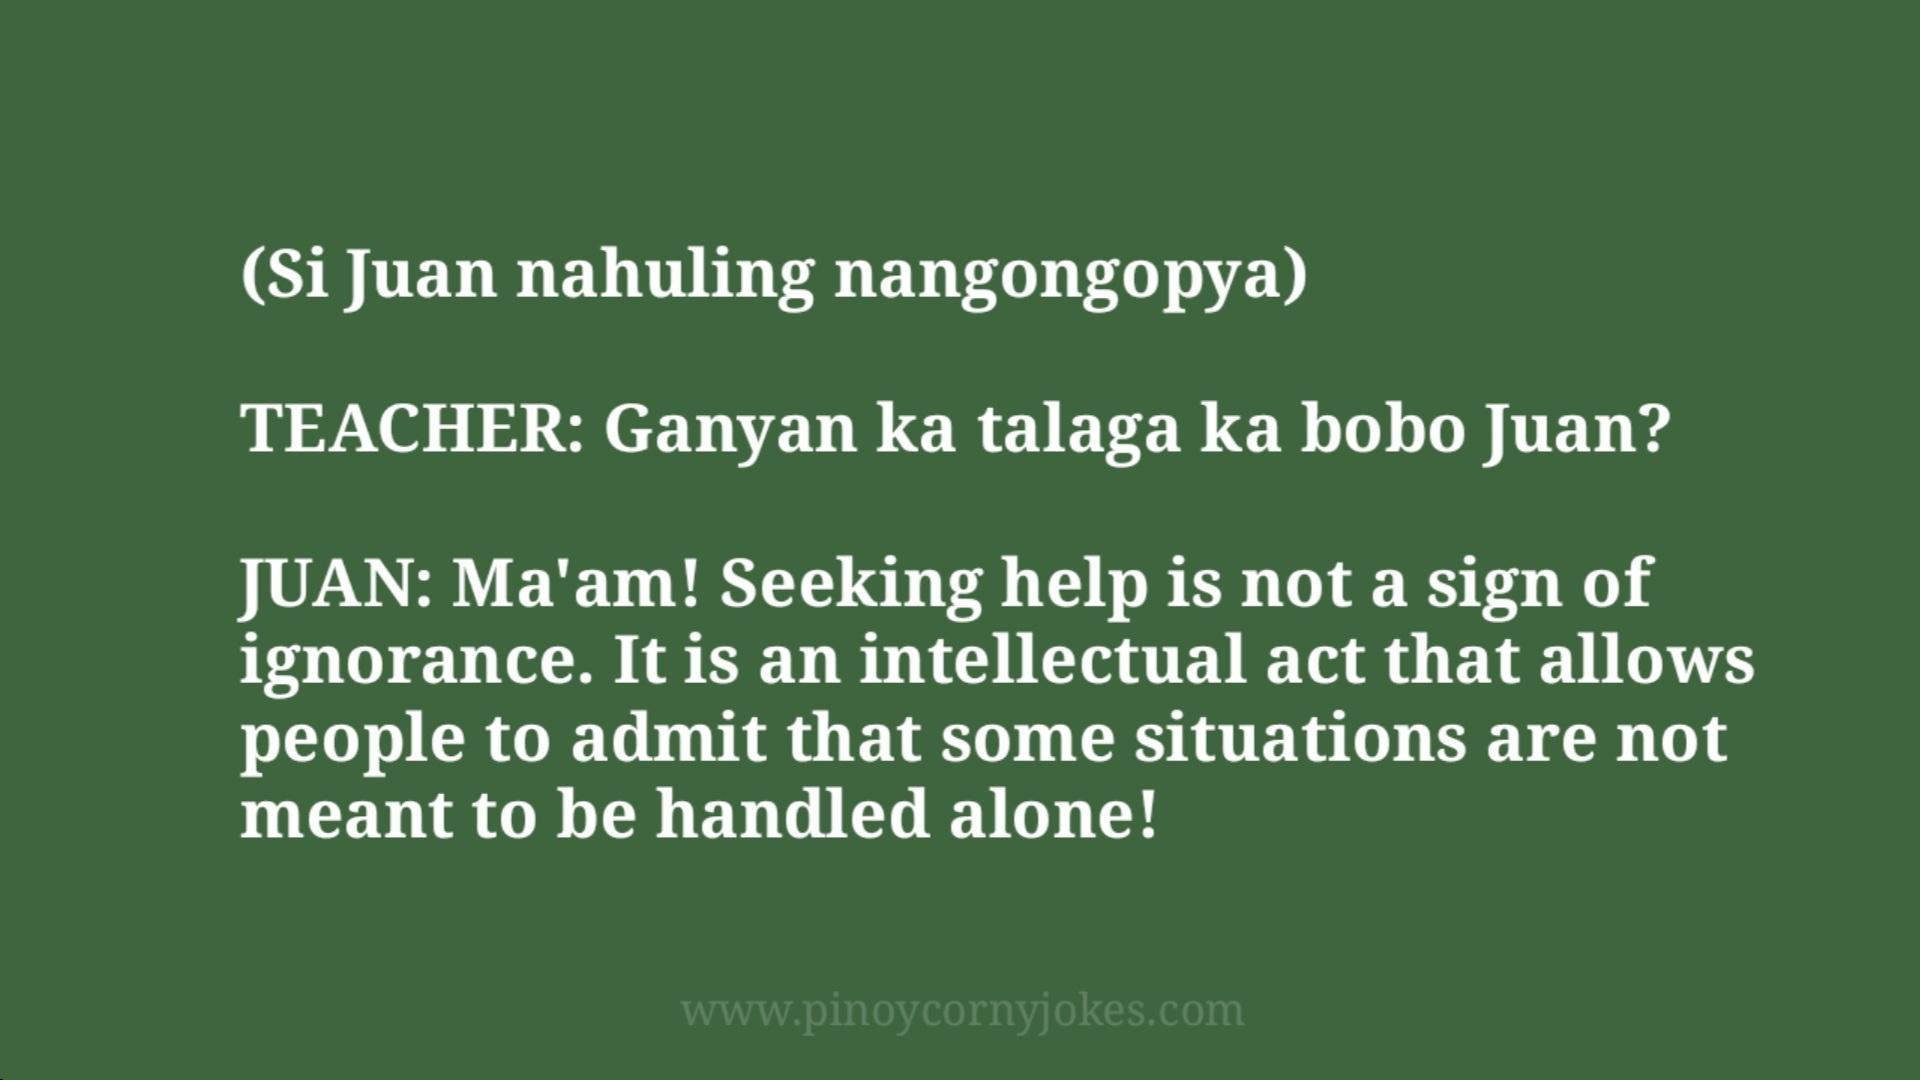 nahuling nangopya buhay estudyante jokes